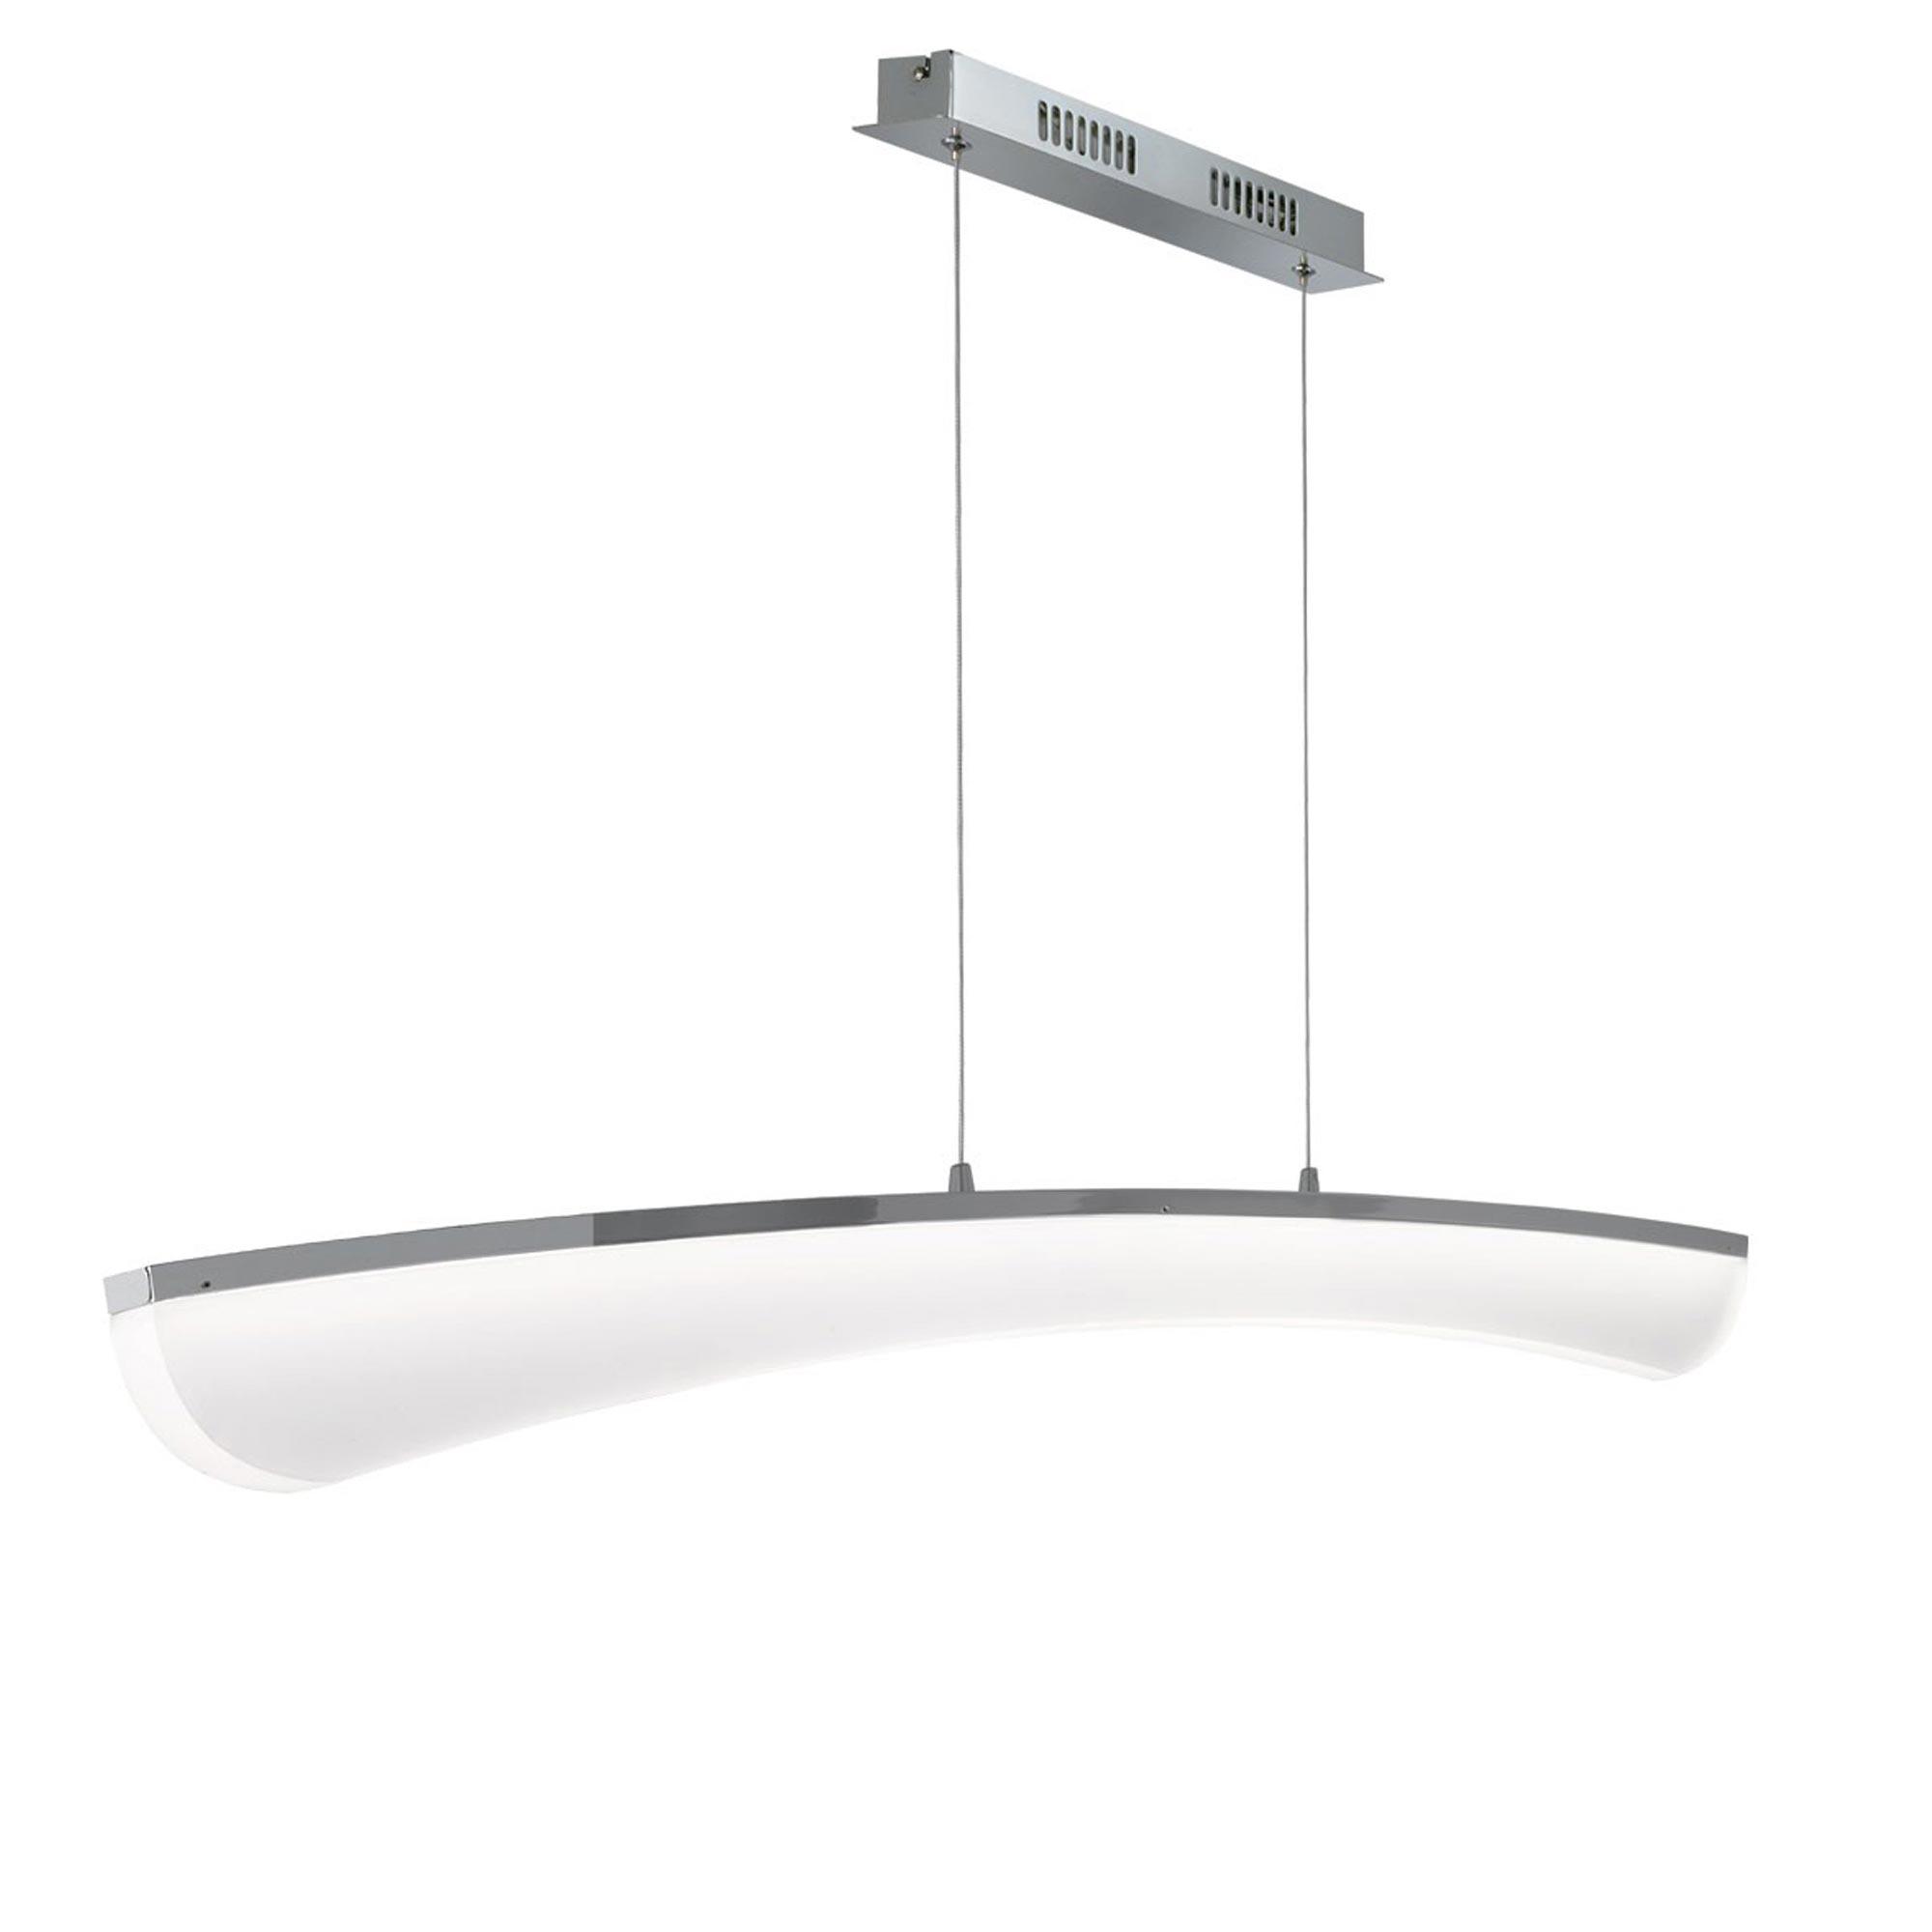 wofi led pendelleuchte comte 1 flg nickel acrylglas. Black Bedroom Furniture Sets. Home Design Ideas